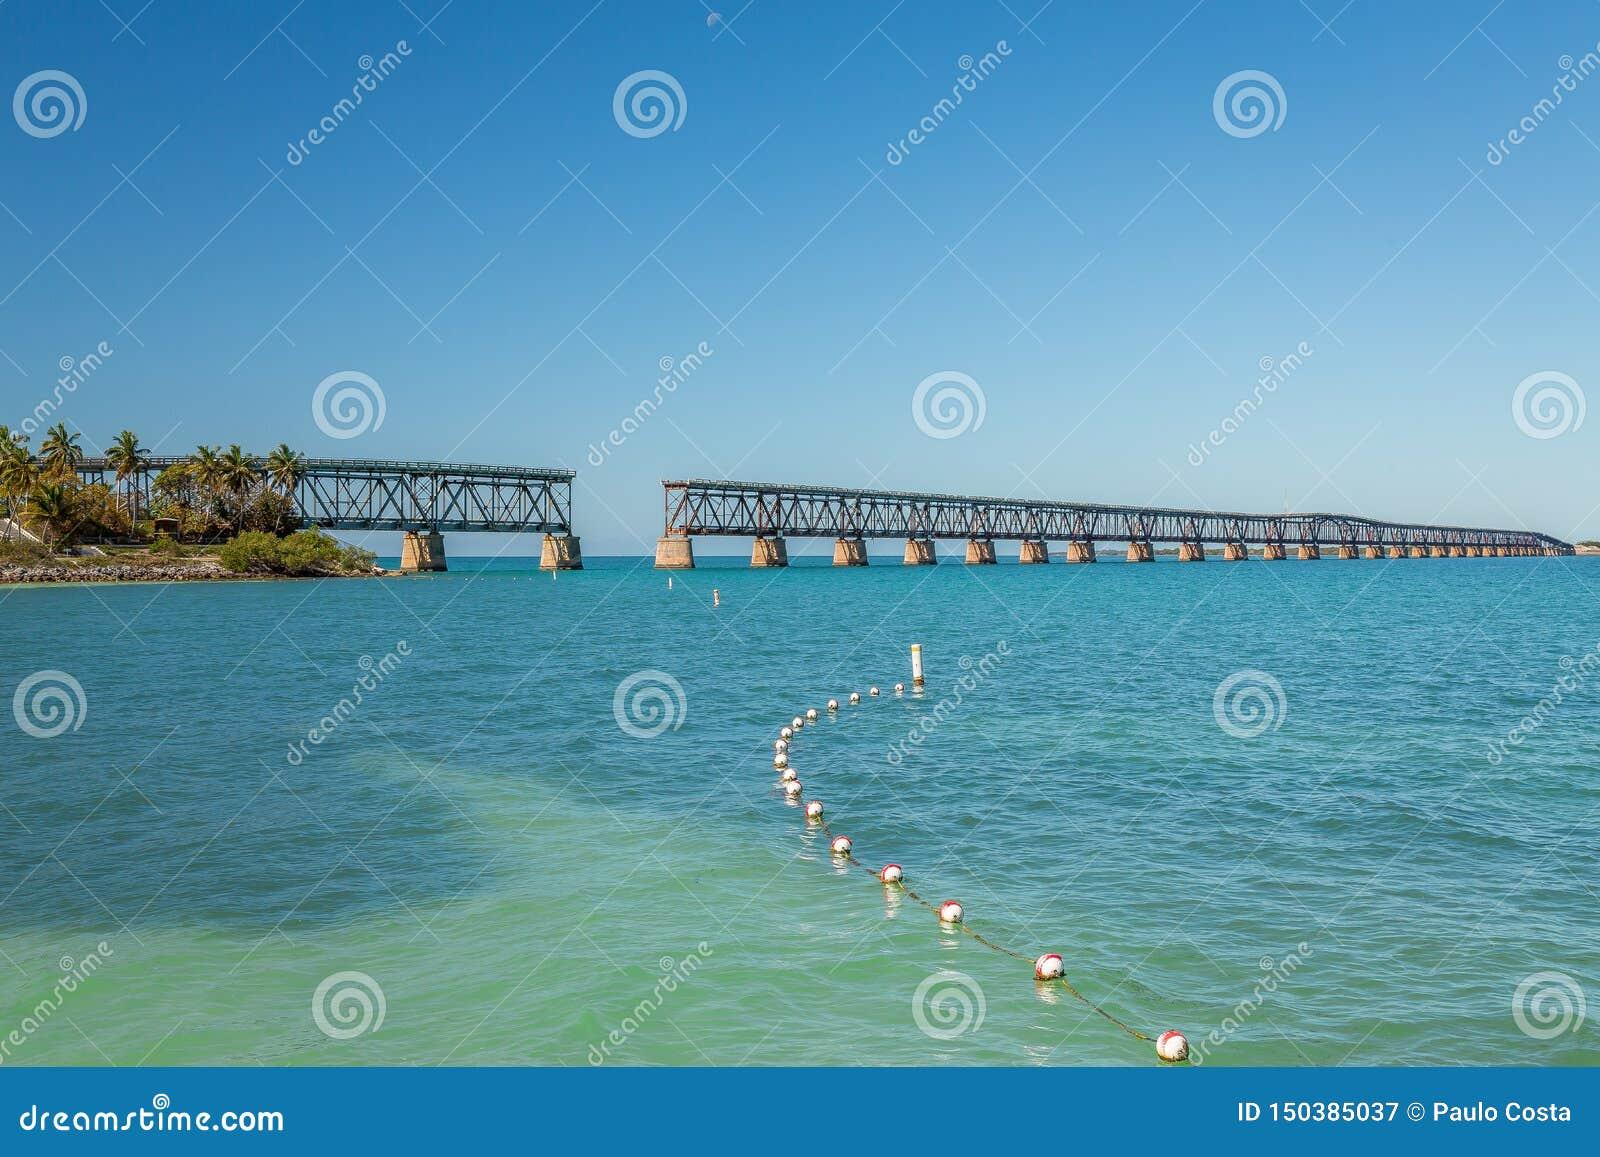 Bahia Honda State Park es un parque de estado con una playa p?blica abierta